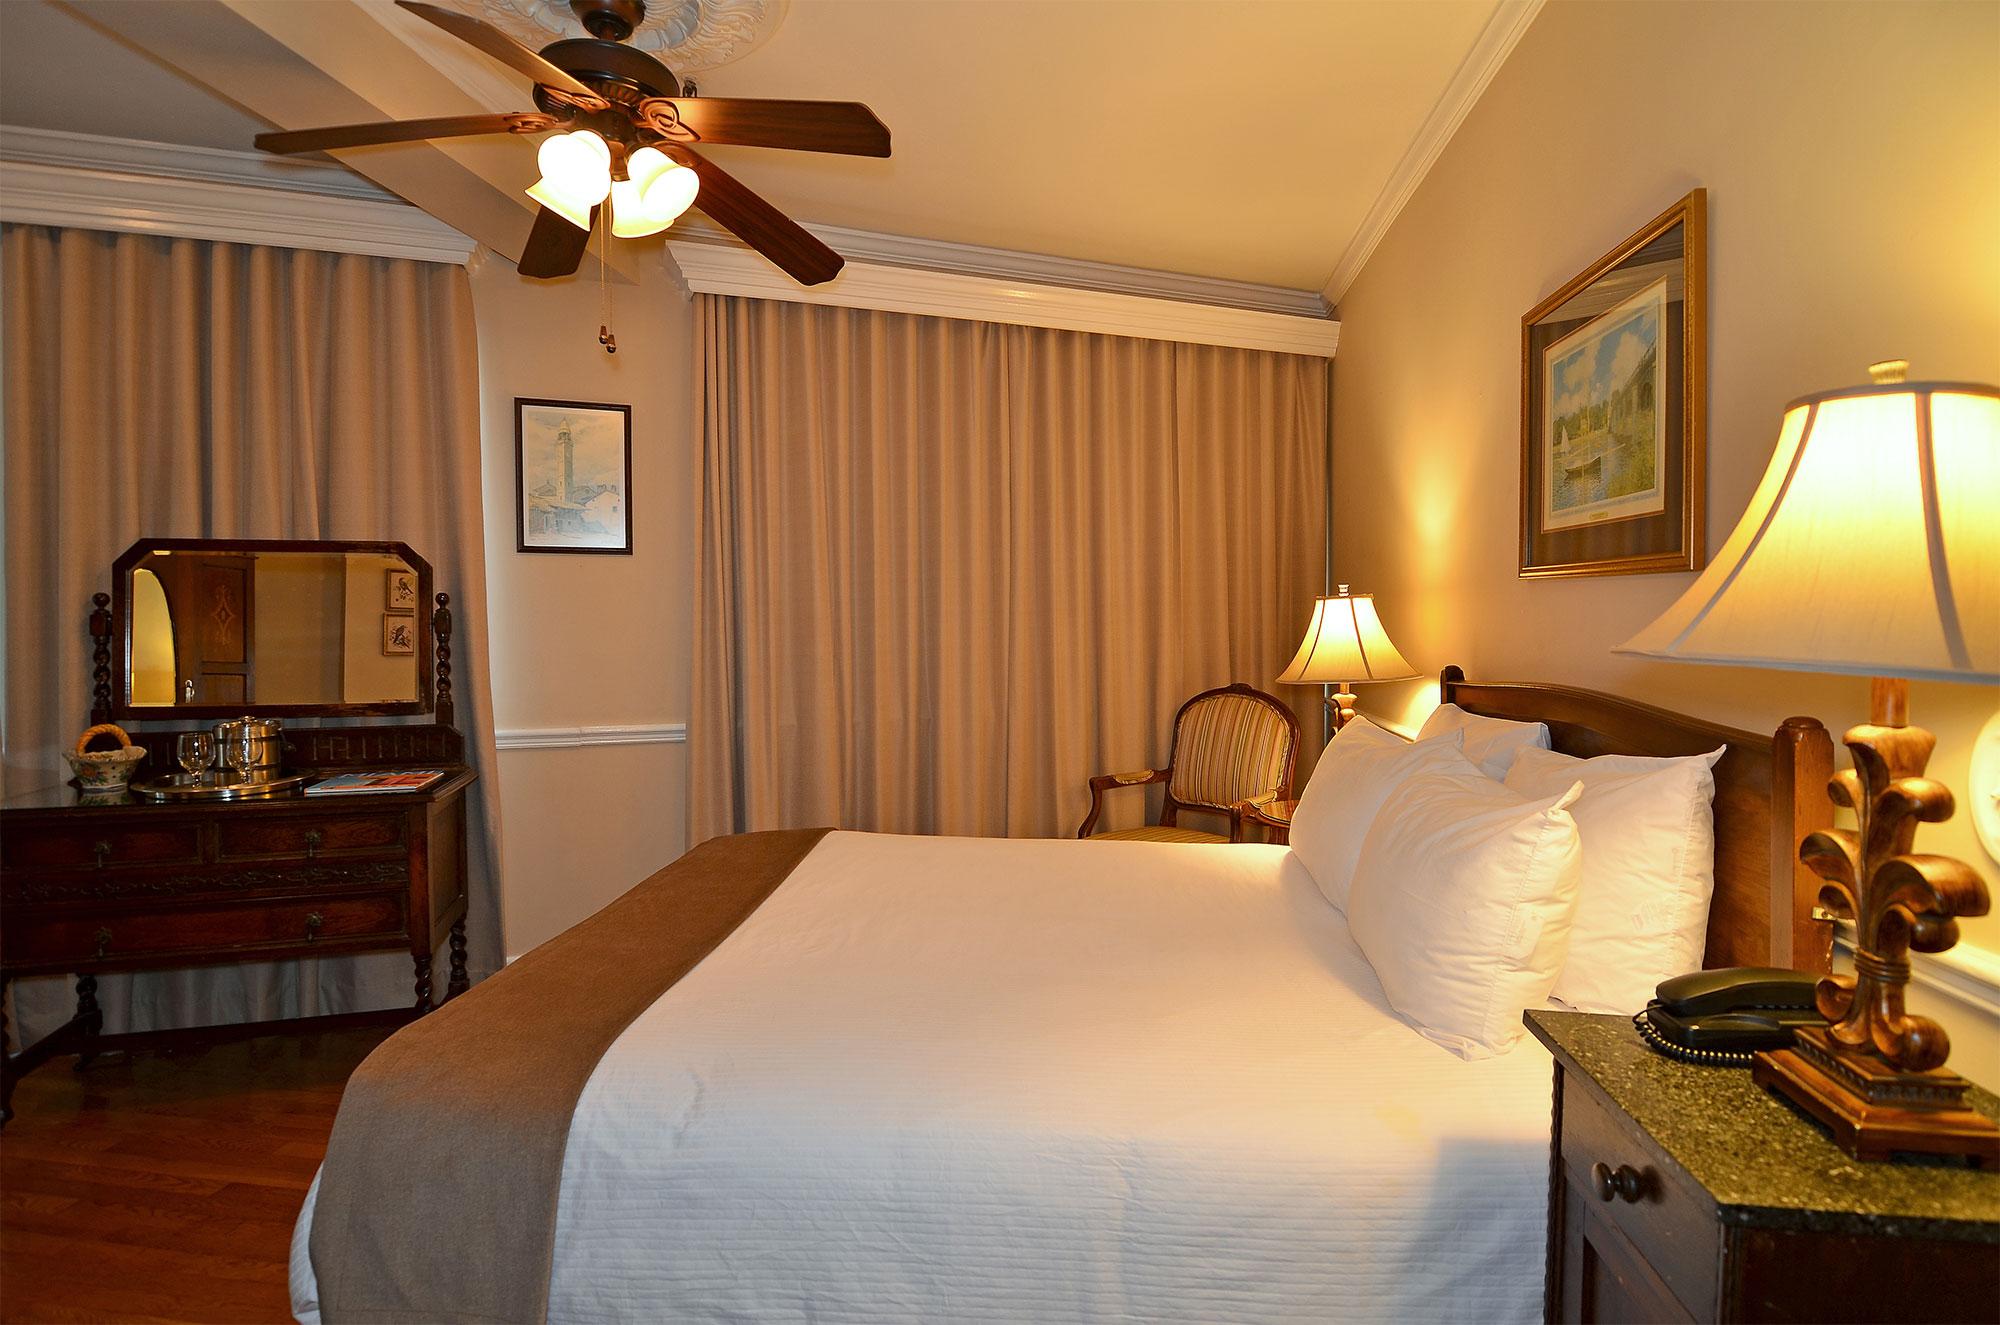 Hotel St. Michel Standard Queen rooms